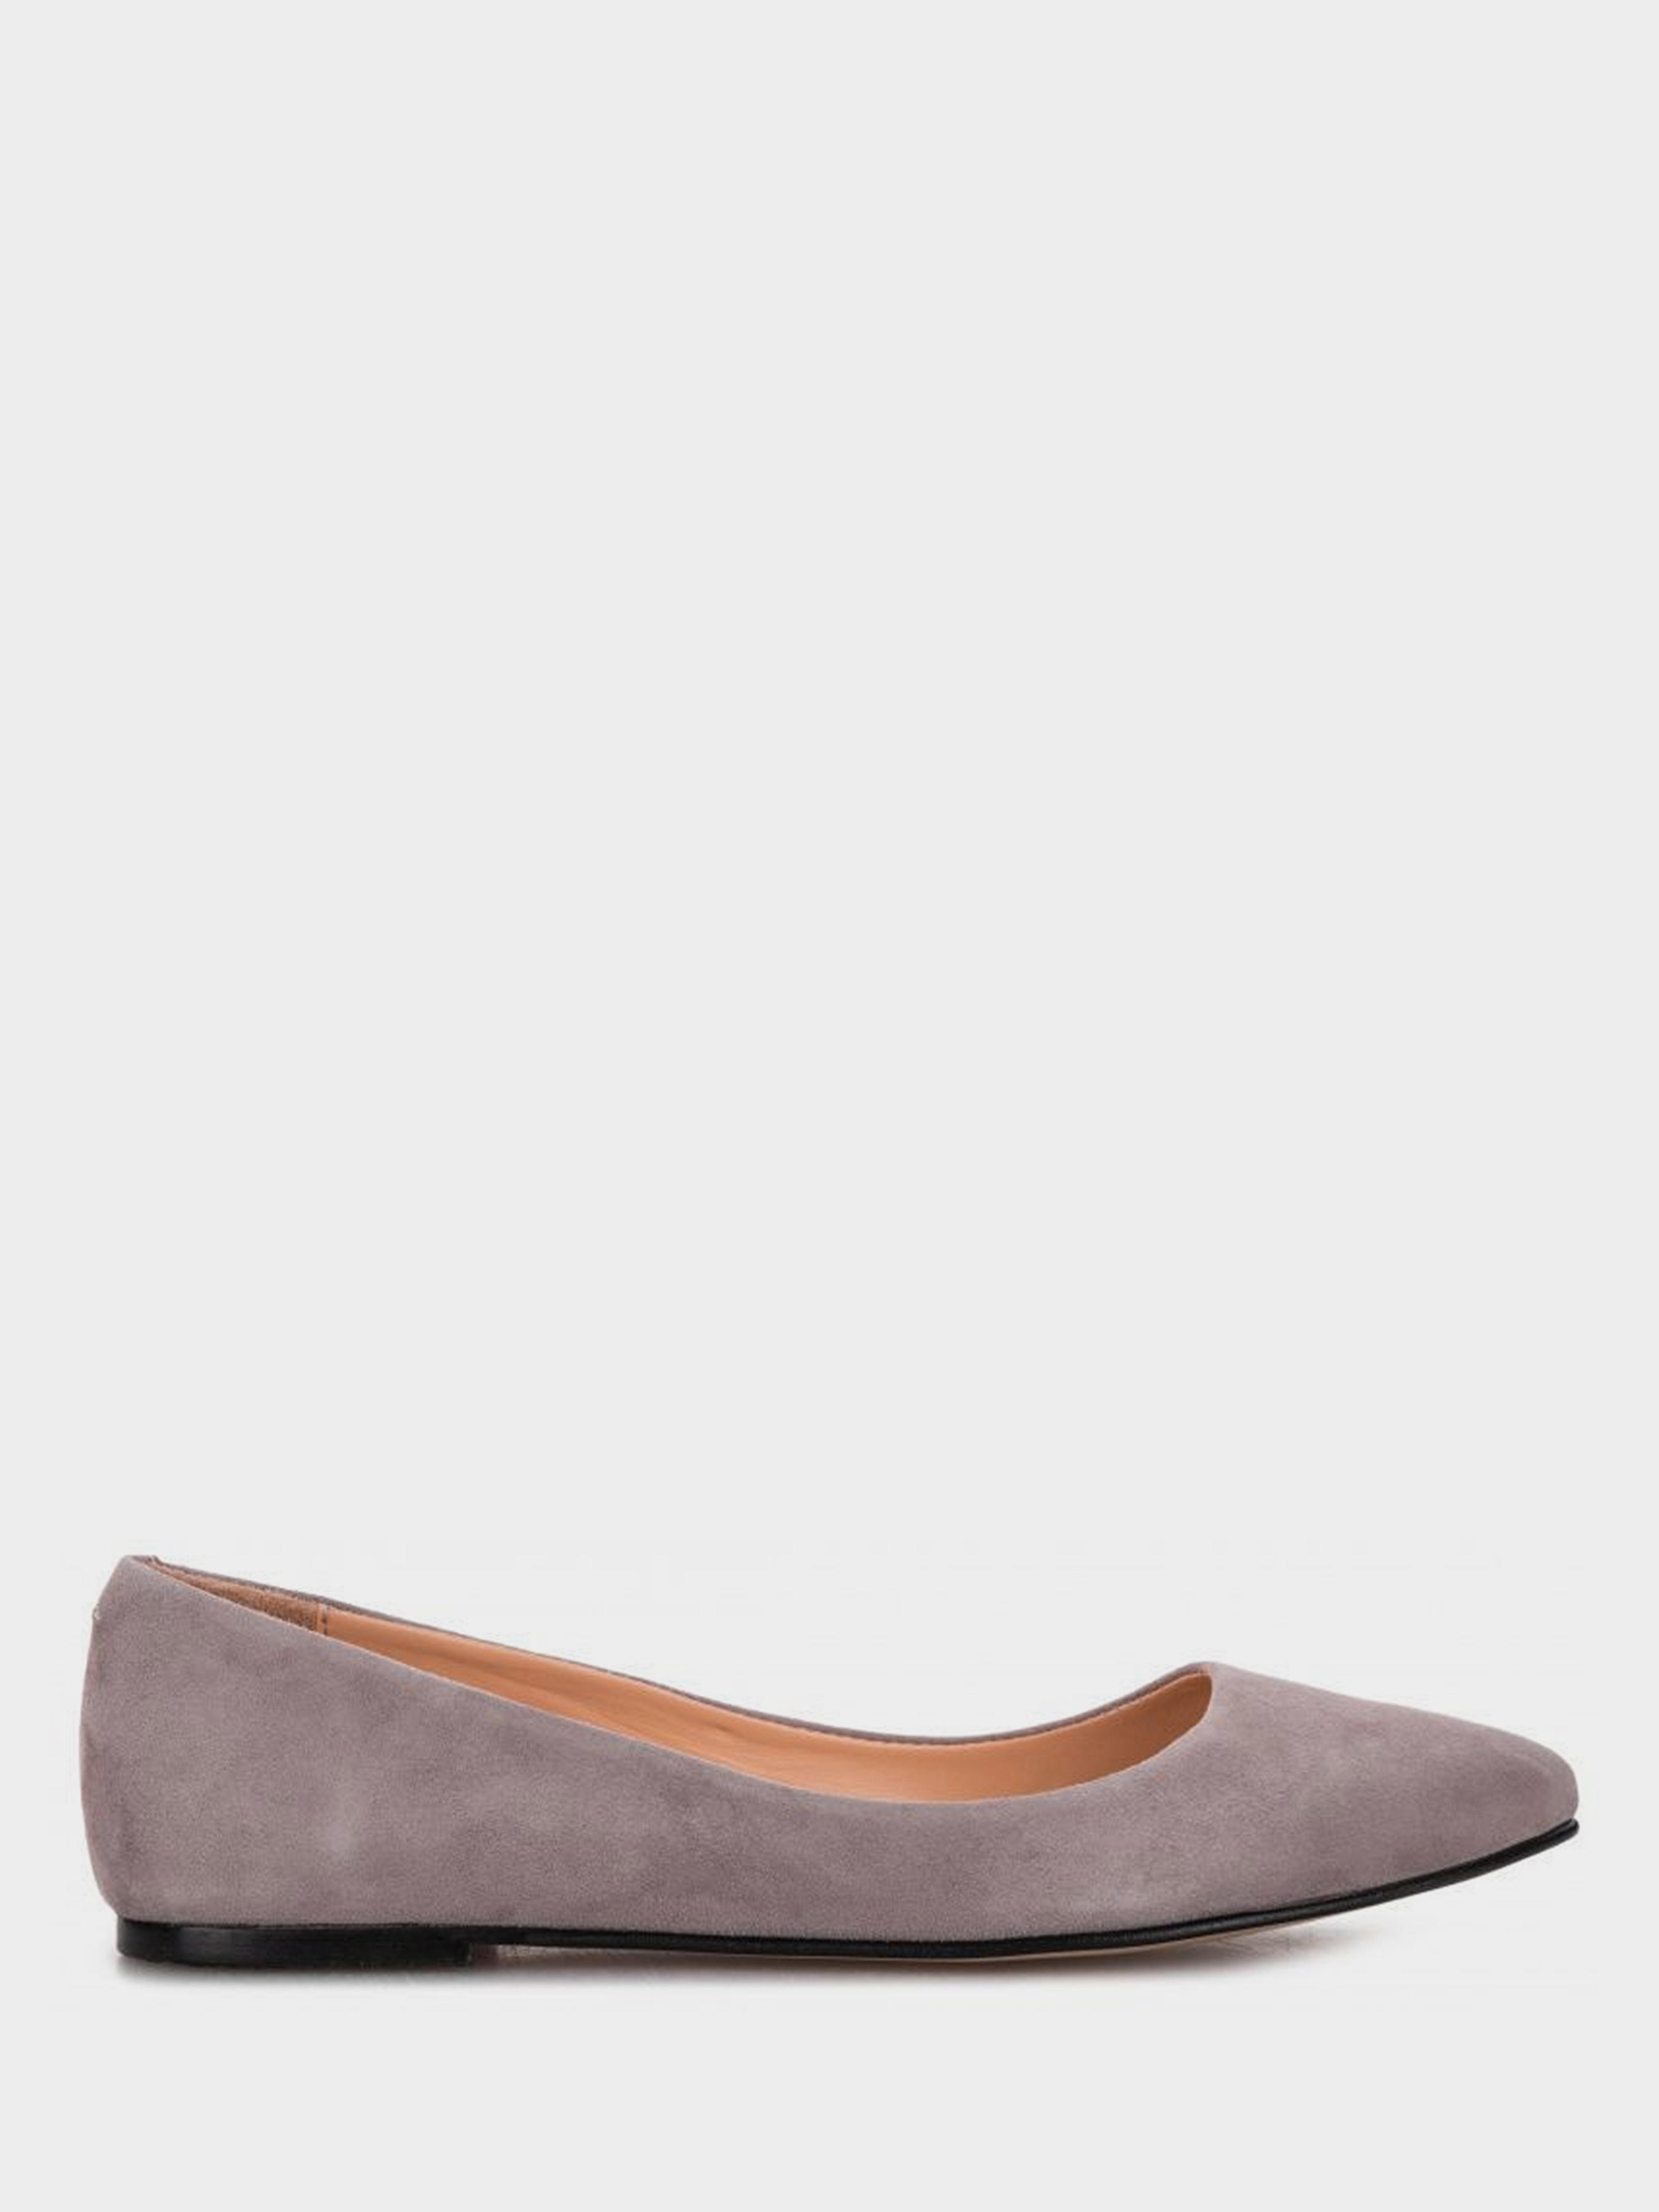 Балетки женские TUTO 6L25 размеры обуви, 2017